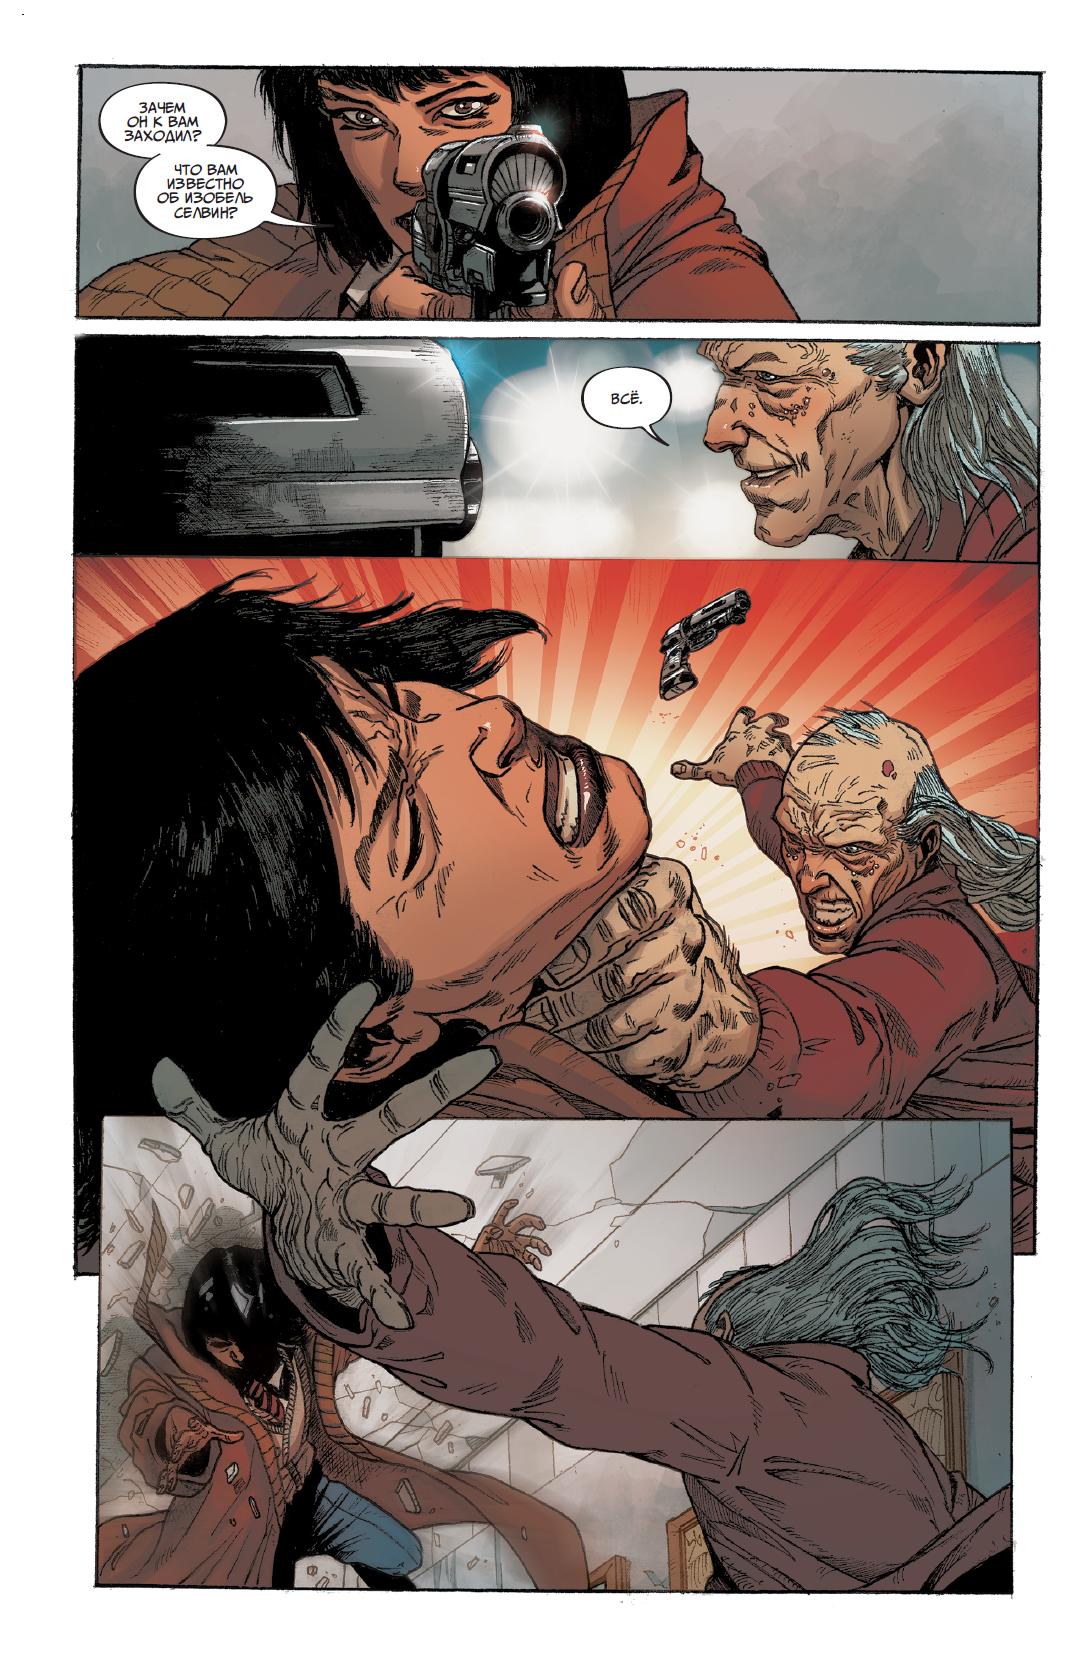 Читаем комикс: «Бегущий полезвию 2019» 4